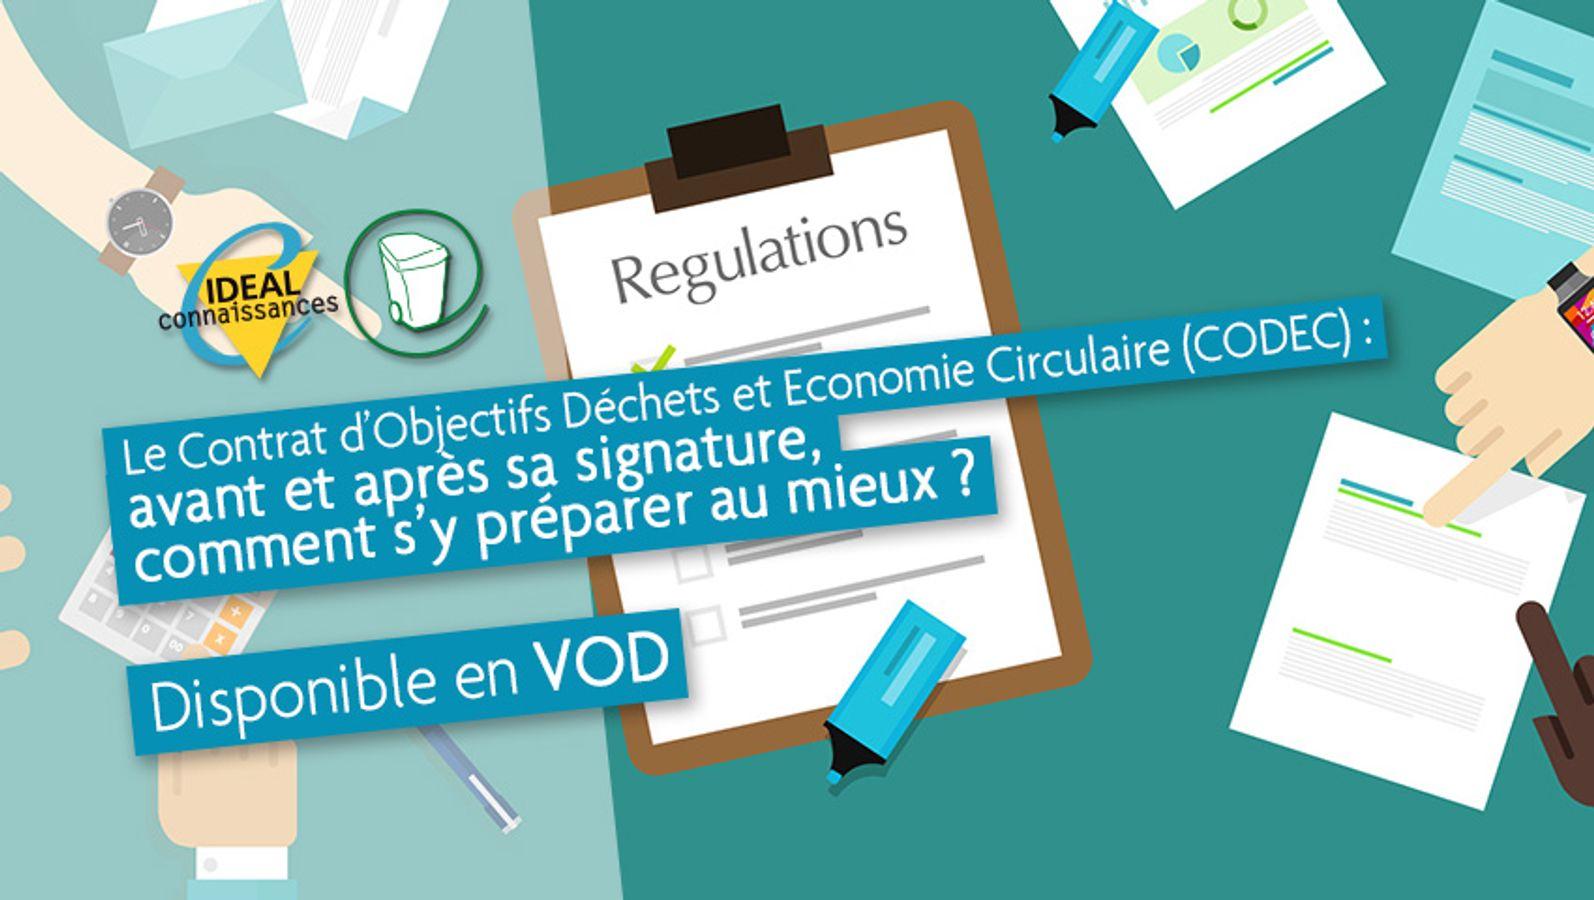 Le Contrat d'Objectifs Déchets et Economie Circulaire (CODEC) :  avant et après sa signature, comment s'y préparer au mieux ?